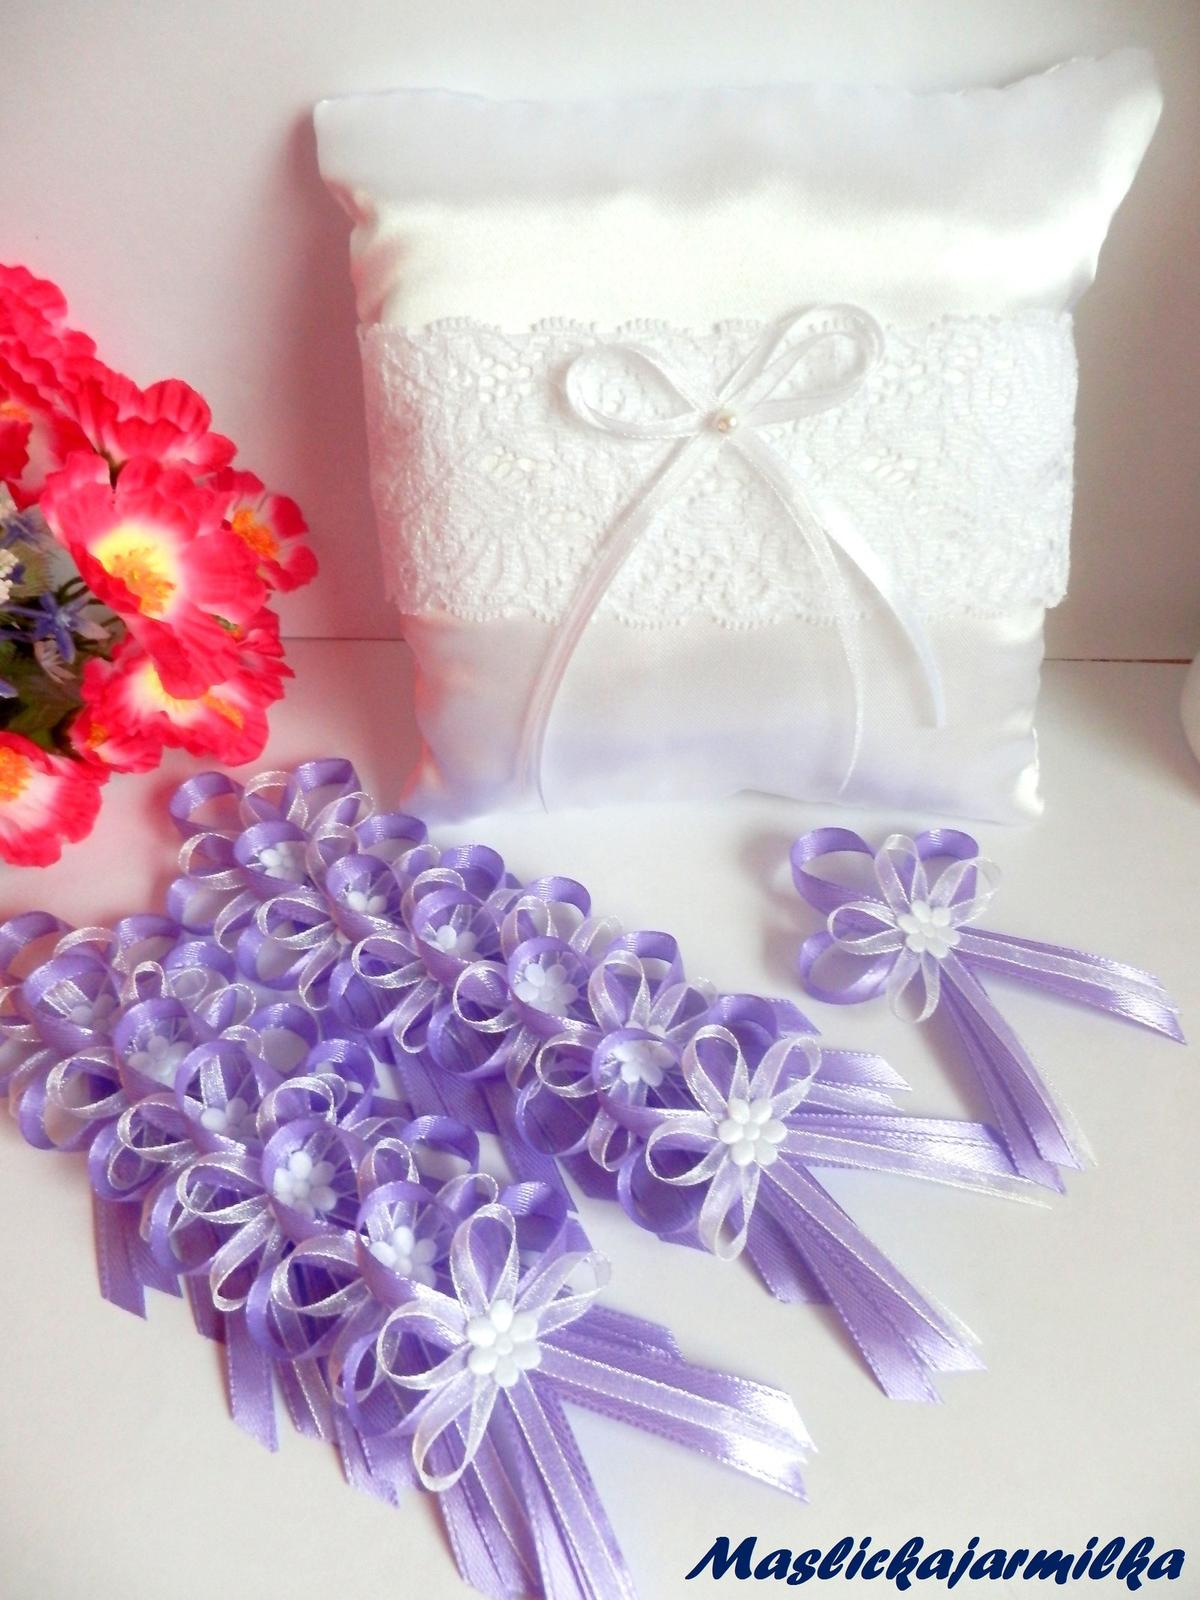 Svatební vývazky, podvazky, polštářky, náramky... - Obrázek č. 59